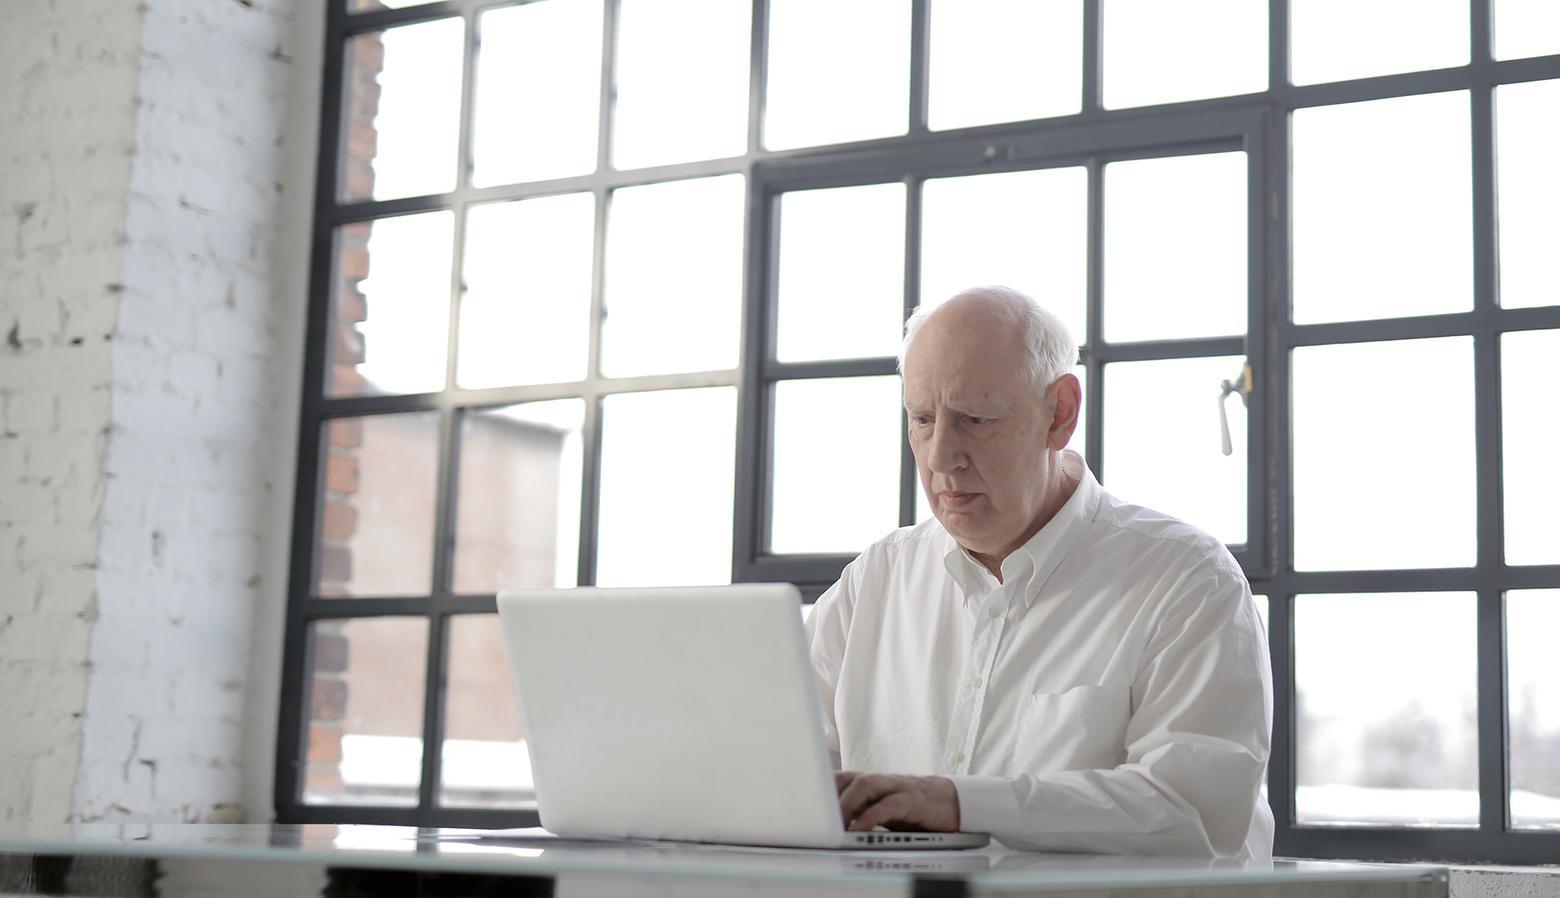 Designer working remotely